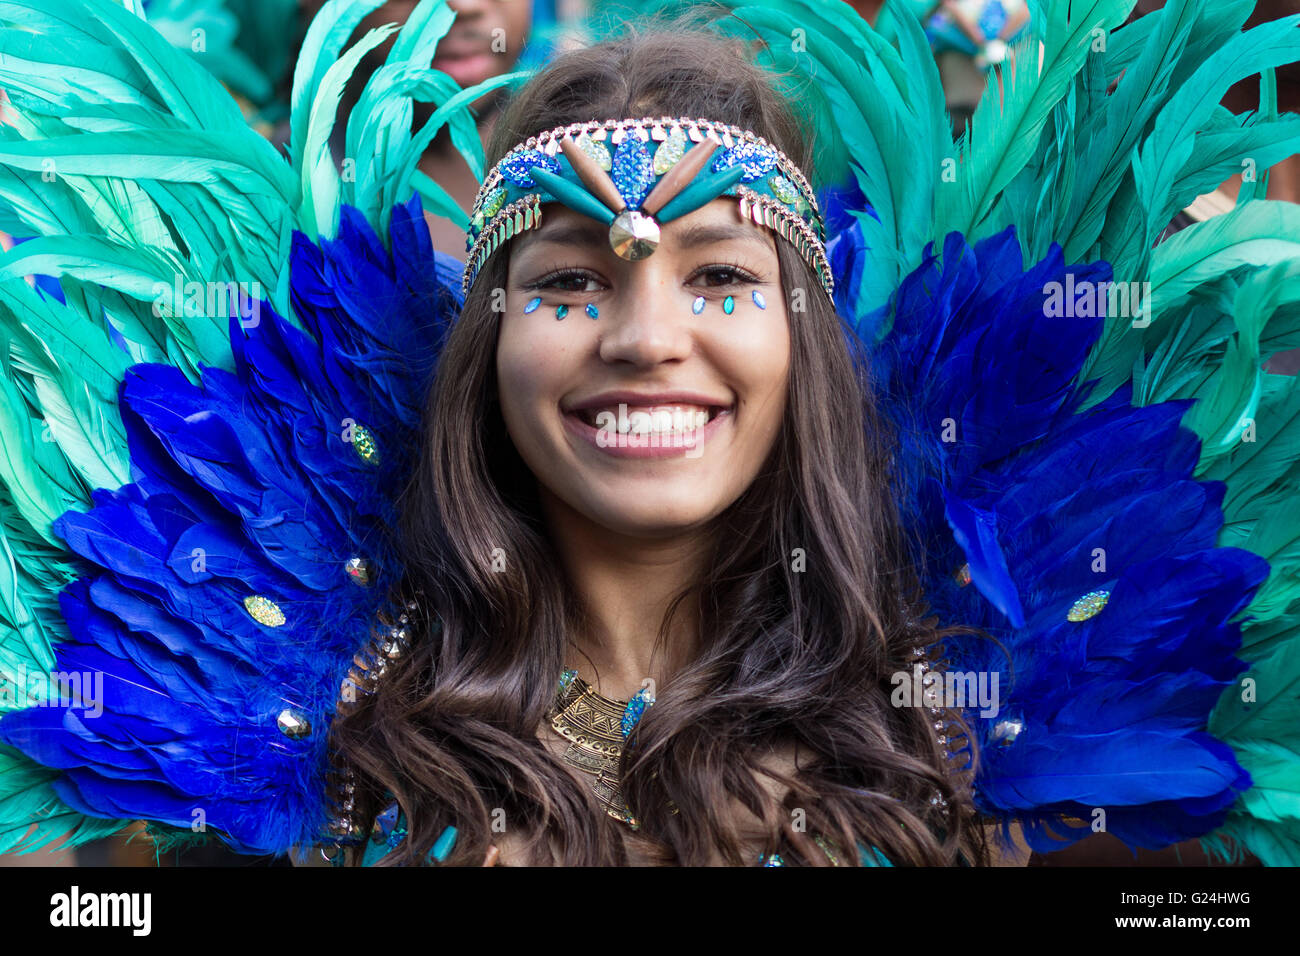 Berlín, Alemania el 15 de mayo de 2016: hermosa chica en traje sonriendo sobre el Carnaval de las Culturas Imagen De Stock